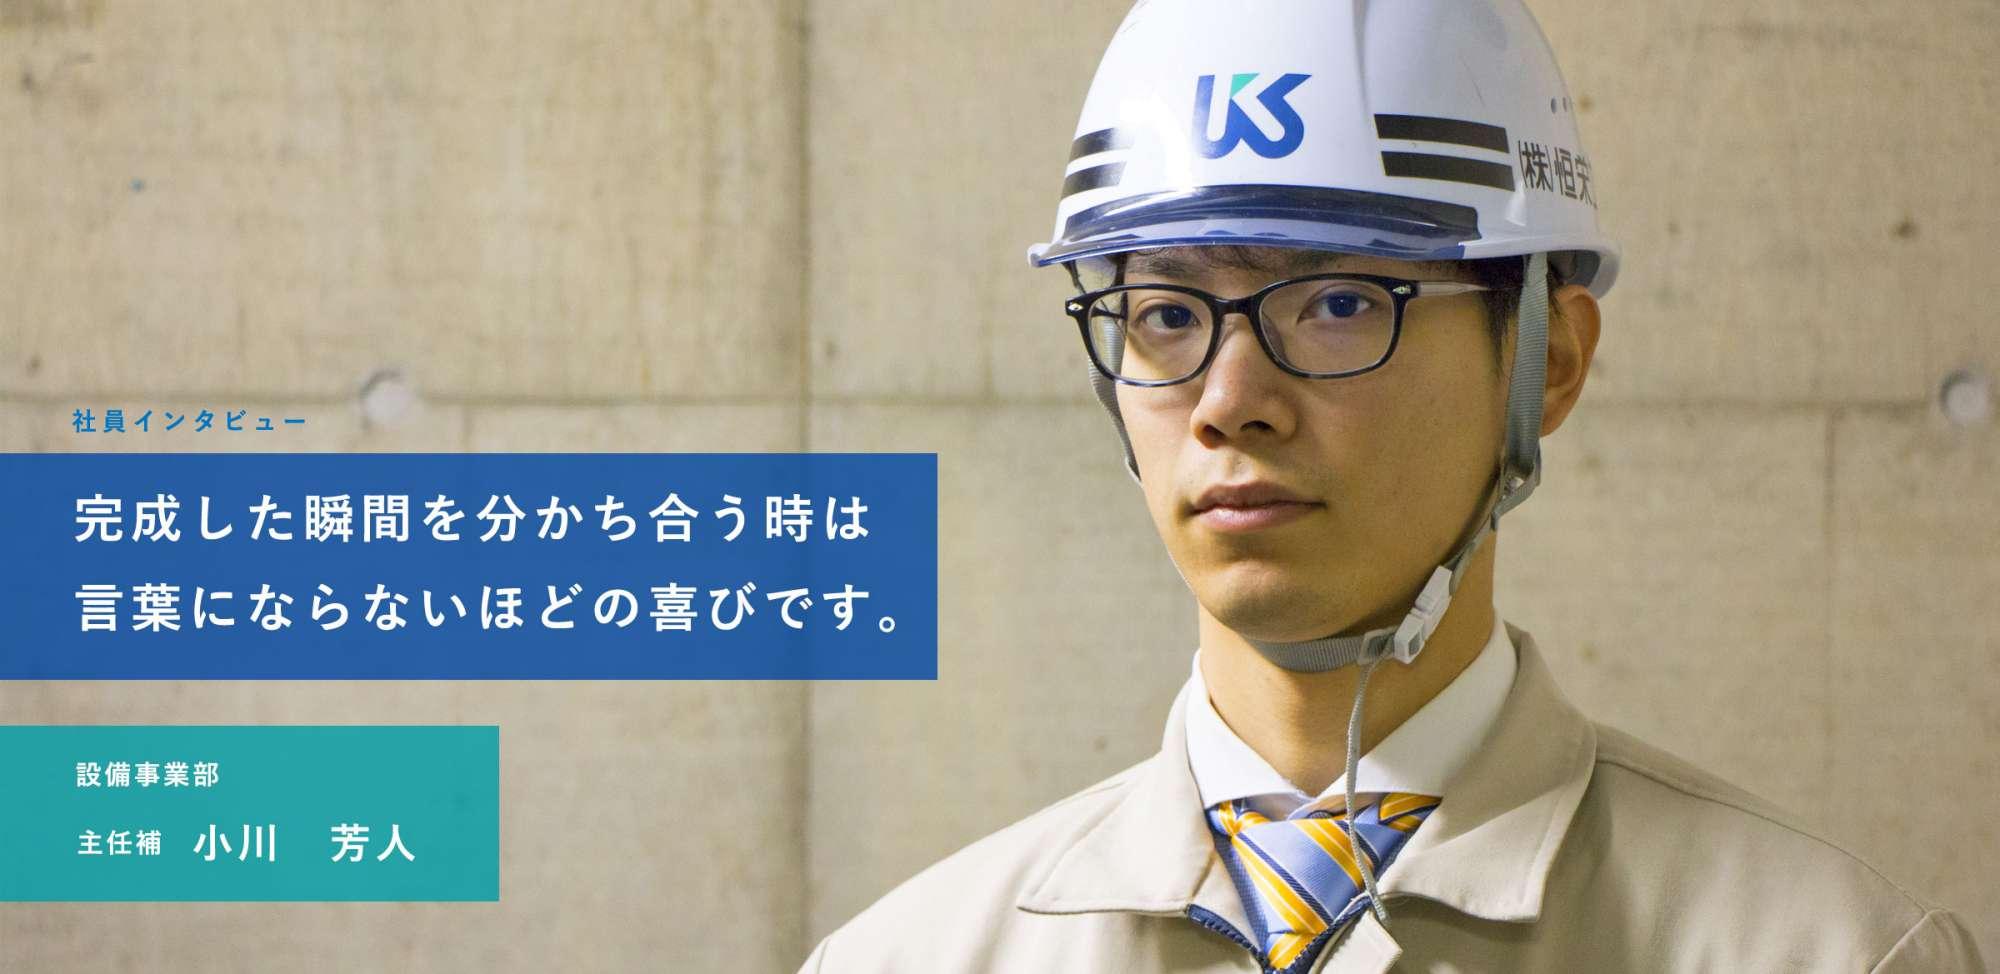 完成した瞬間を分かち合う時は言葉にならないほどの喜びです。設備事業部主任補 小川 芳人